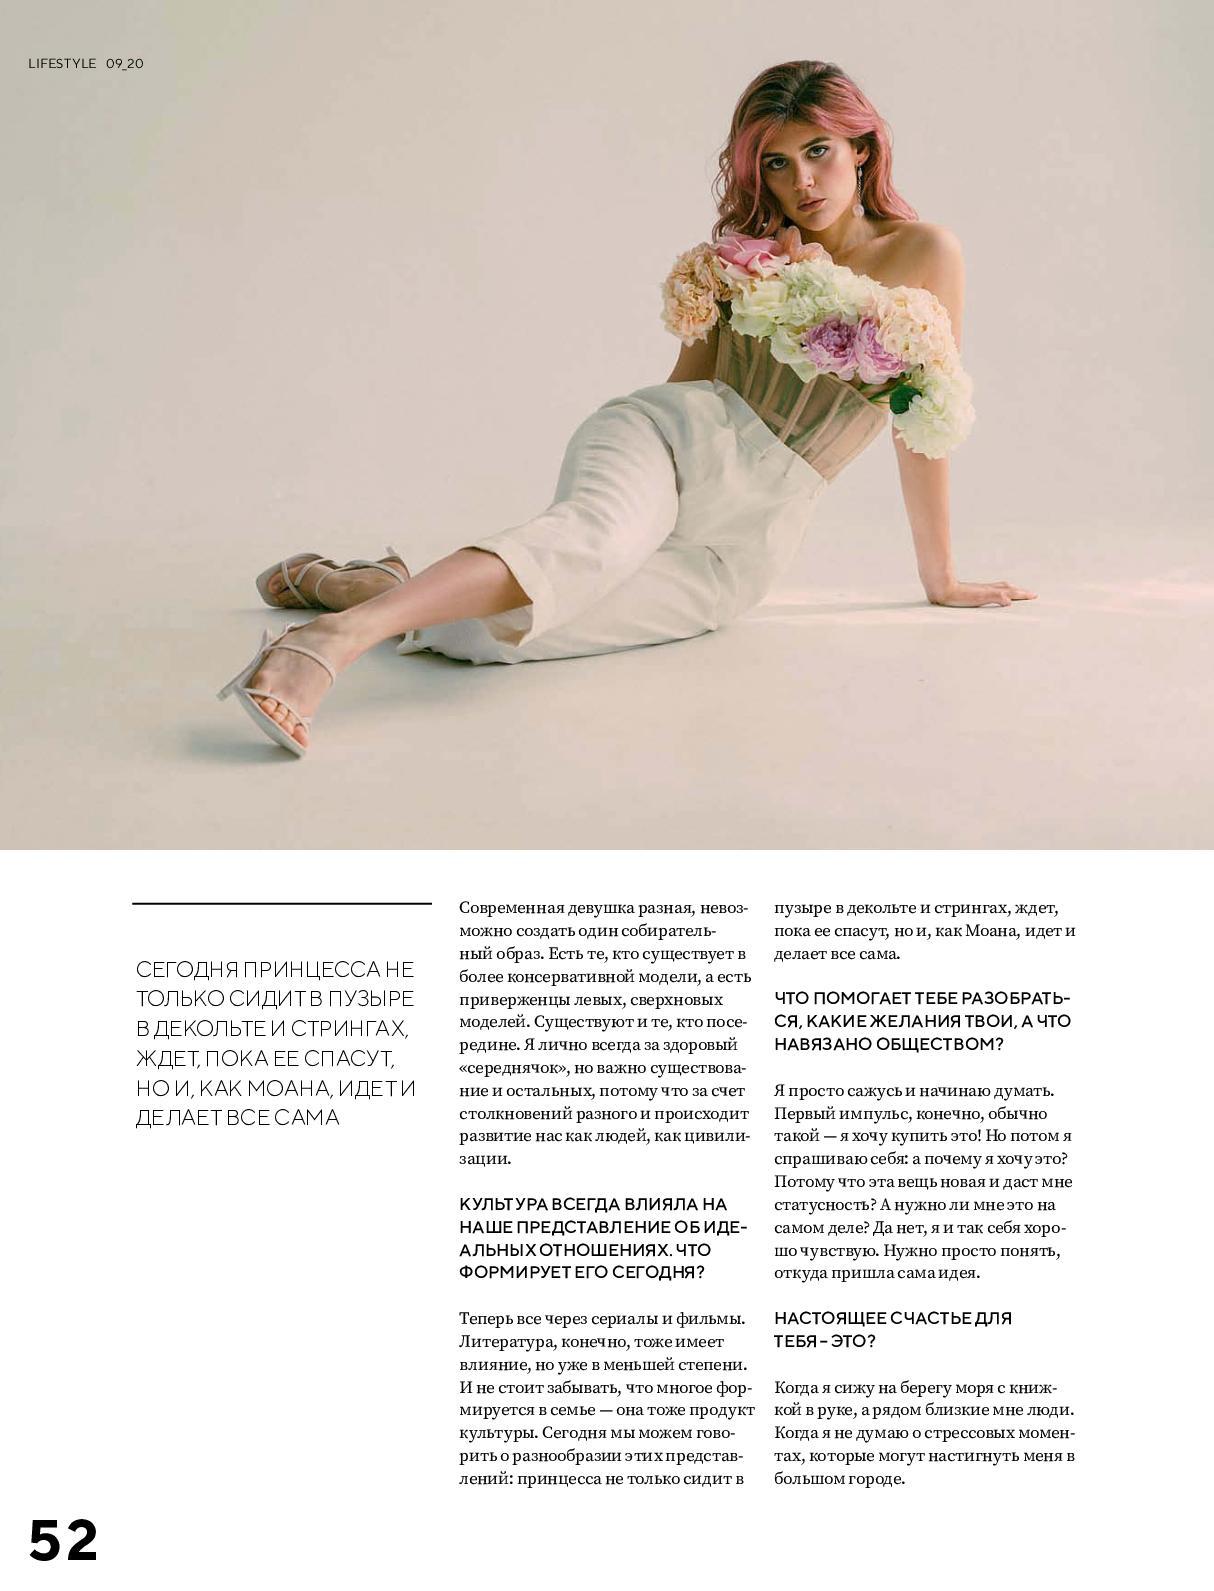 Консервативная девушка модель в социальной работе работа в видеочатах вебкам студия новосибирск